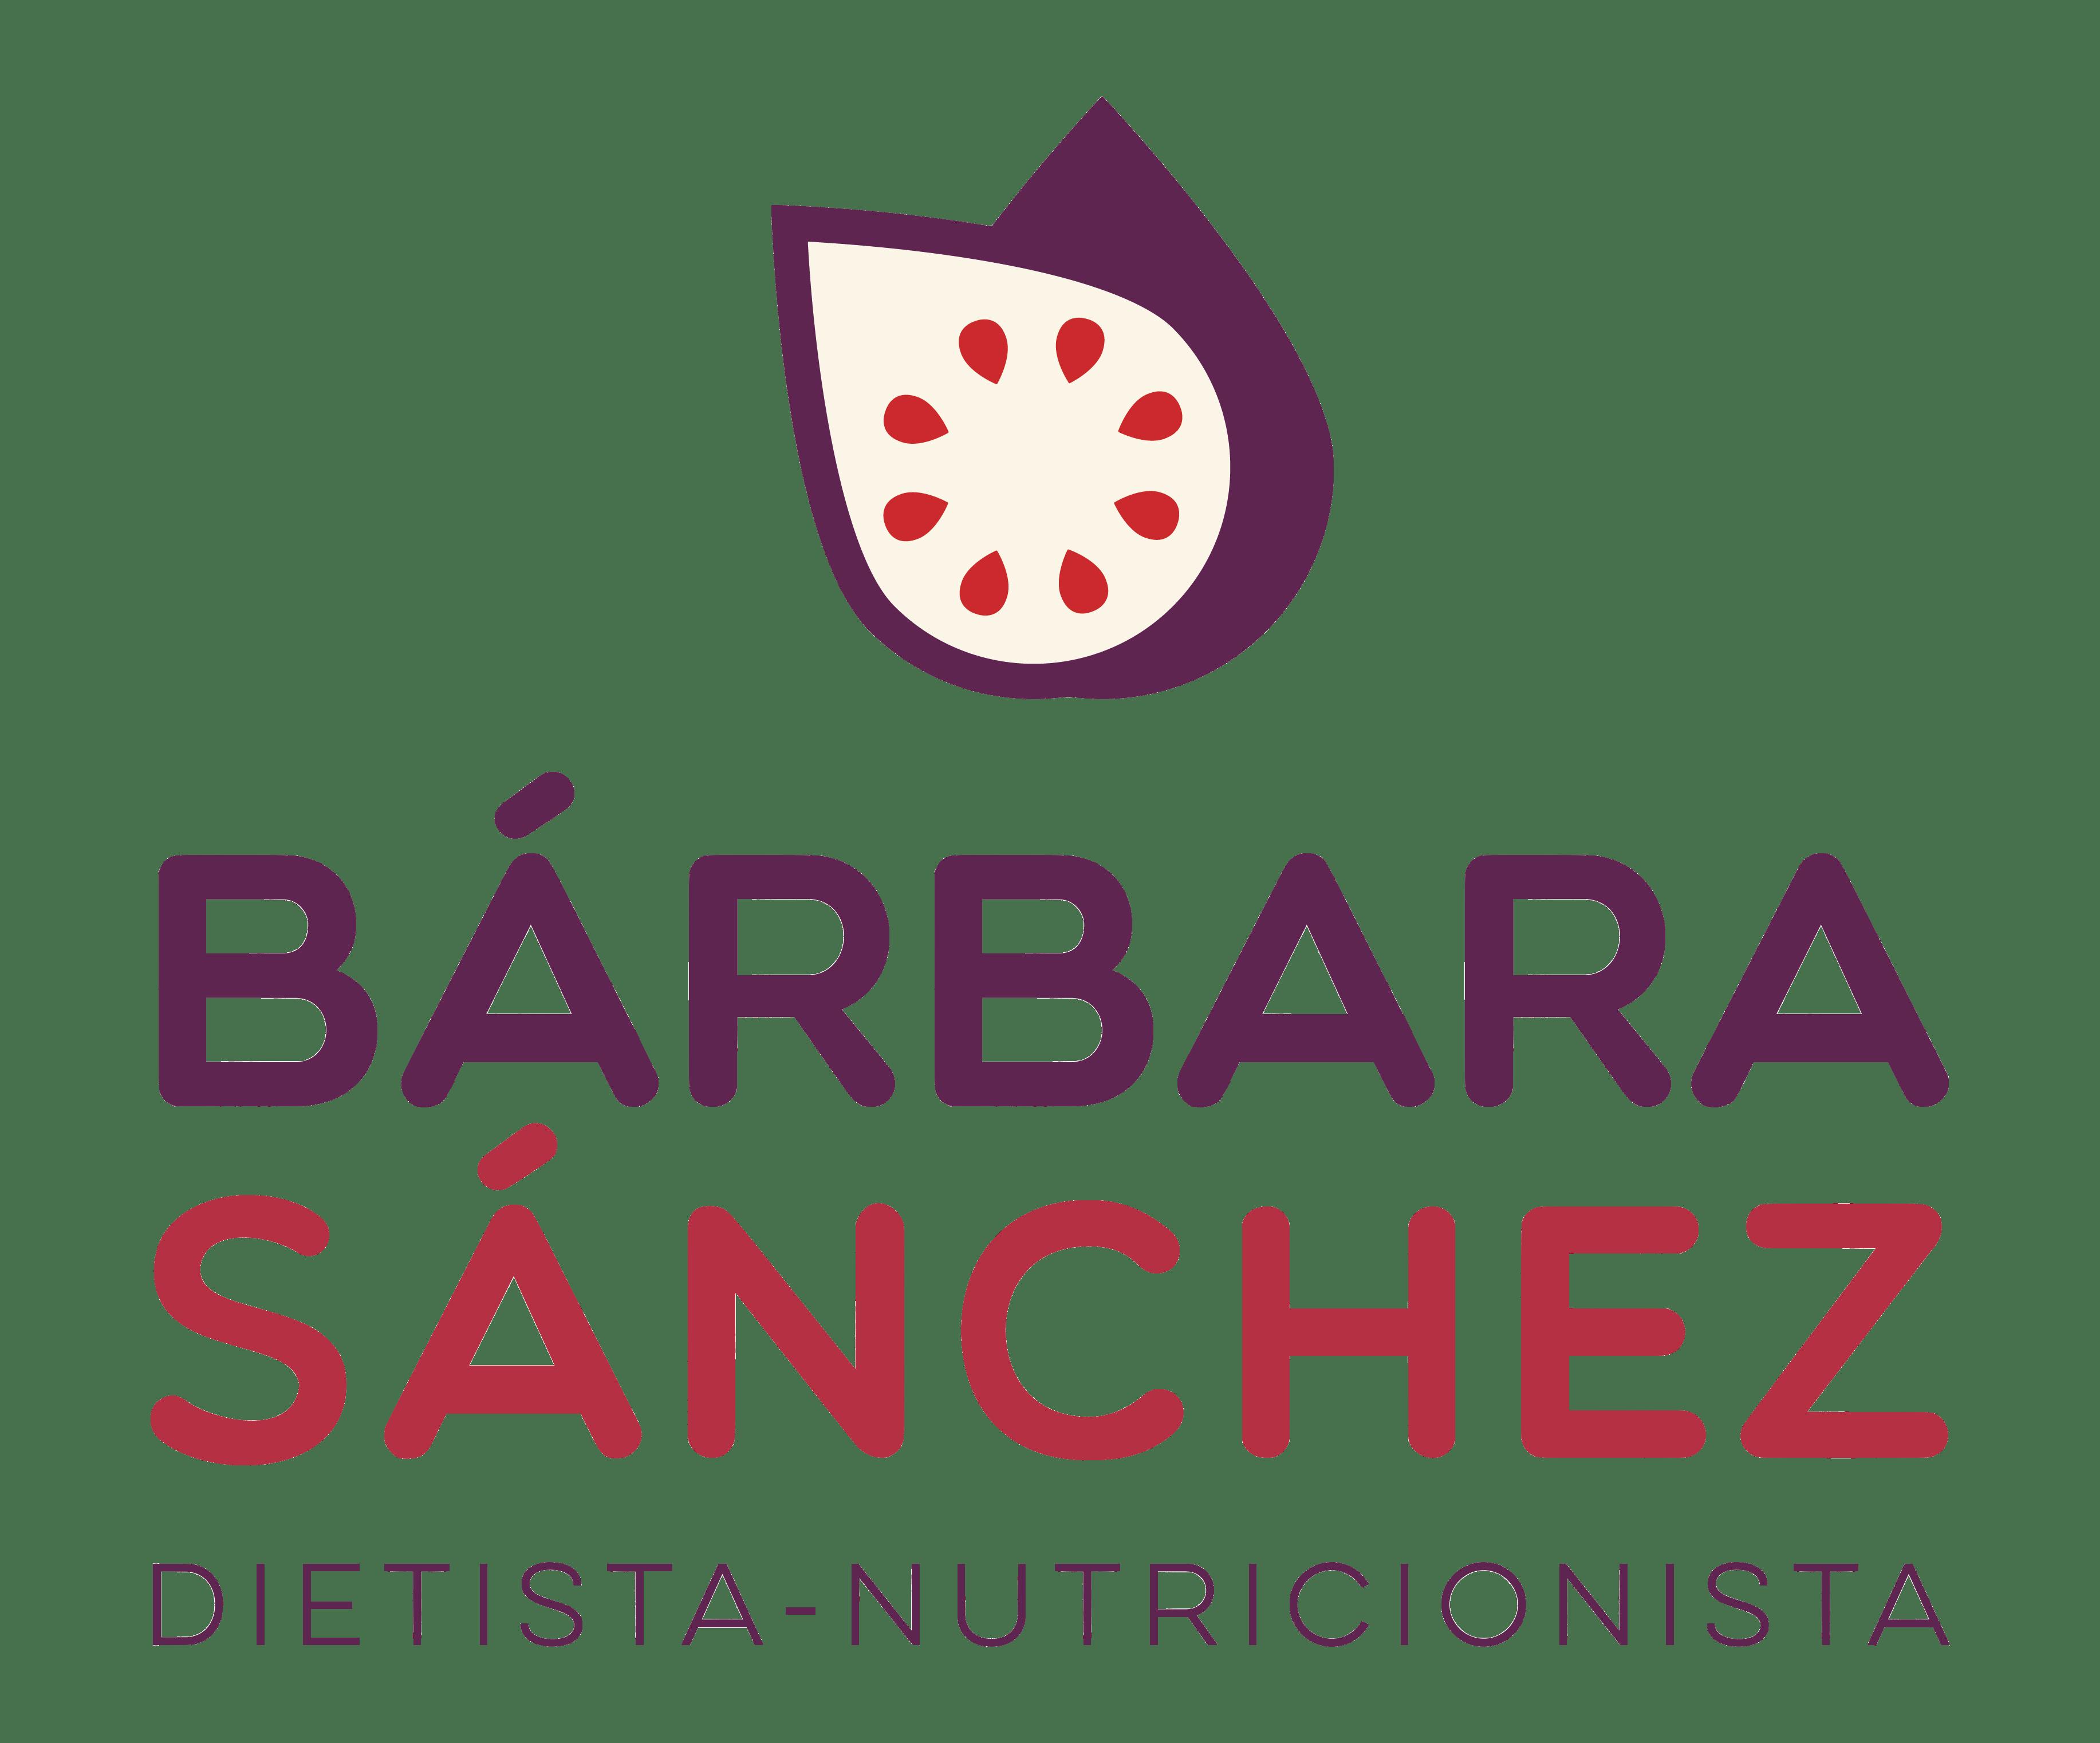 Los Mejores Nutricionistas en Madrid LosMejoresDeMadrid ® 9